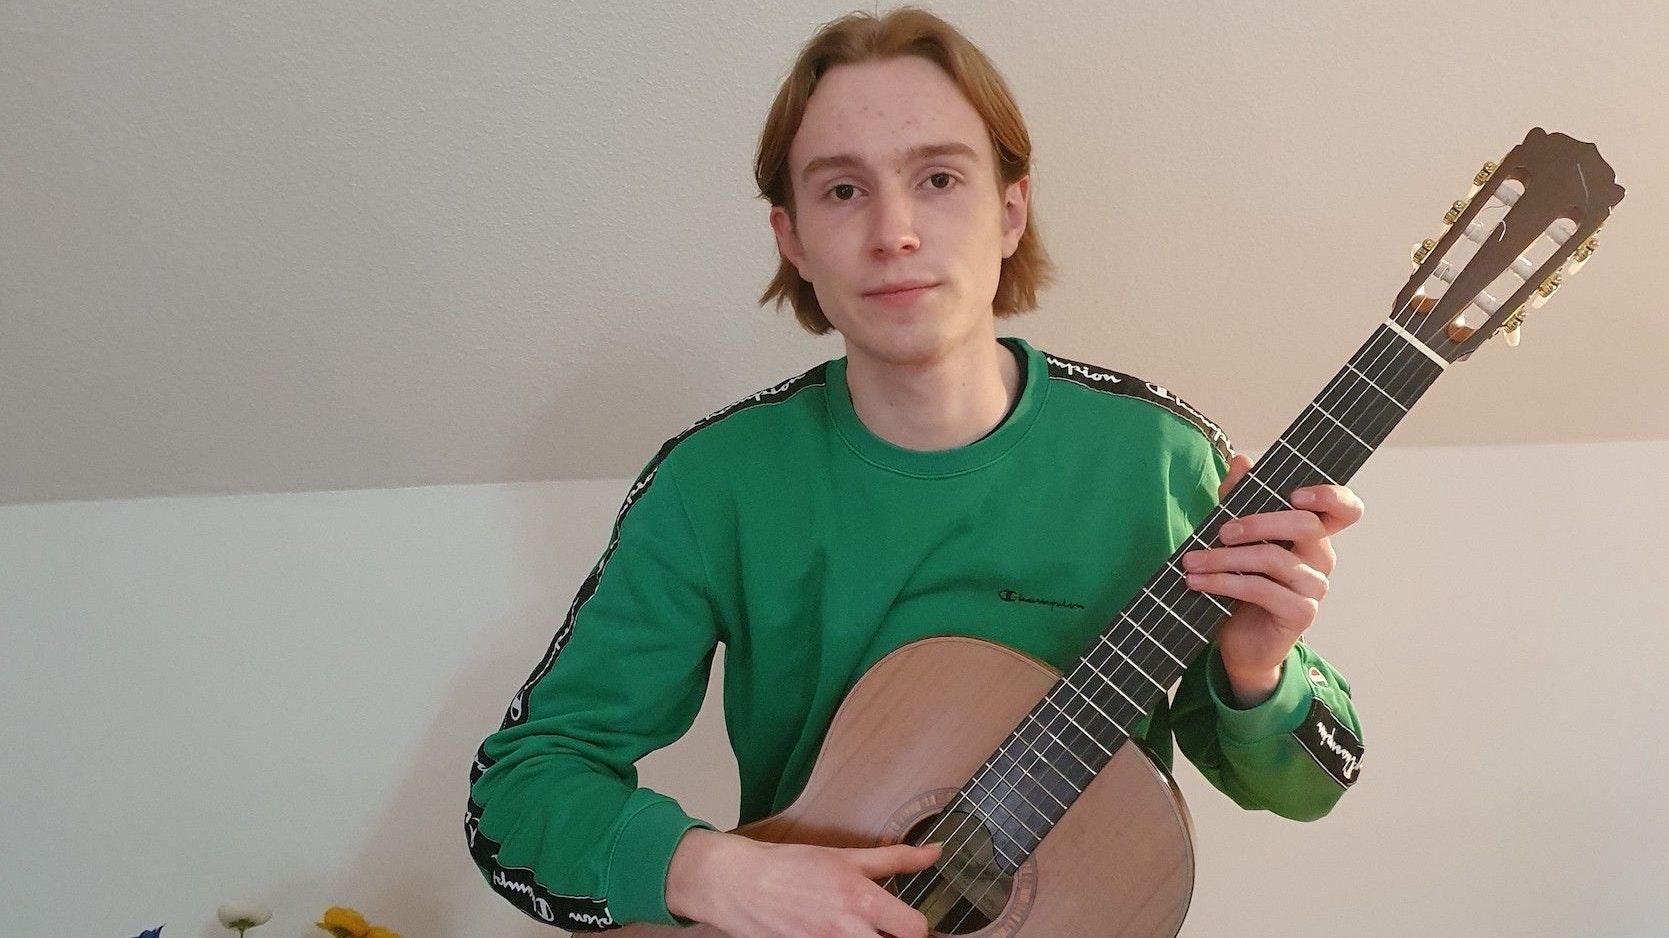 Gunnar Kordesbegeistern an der Gitarre, die vielfältigen Ausdrucksmöglichkeiten. Foto: privat